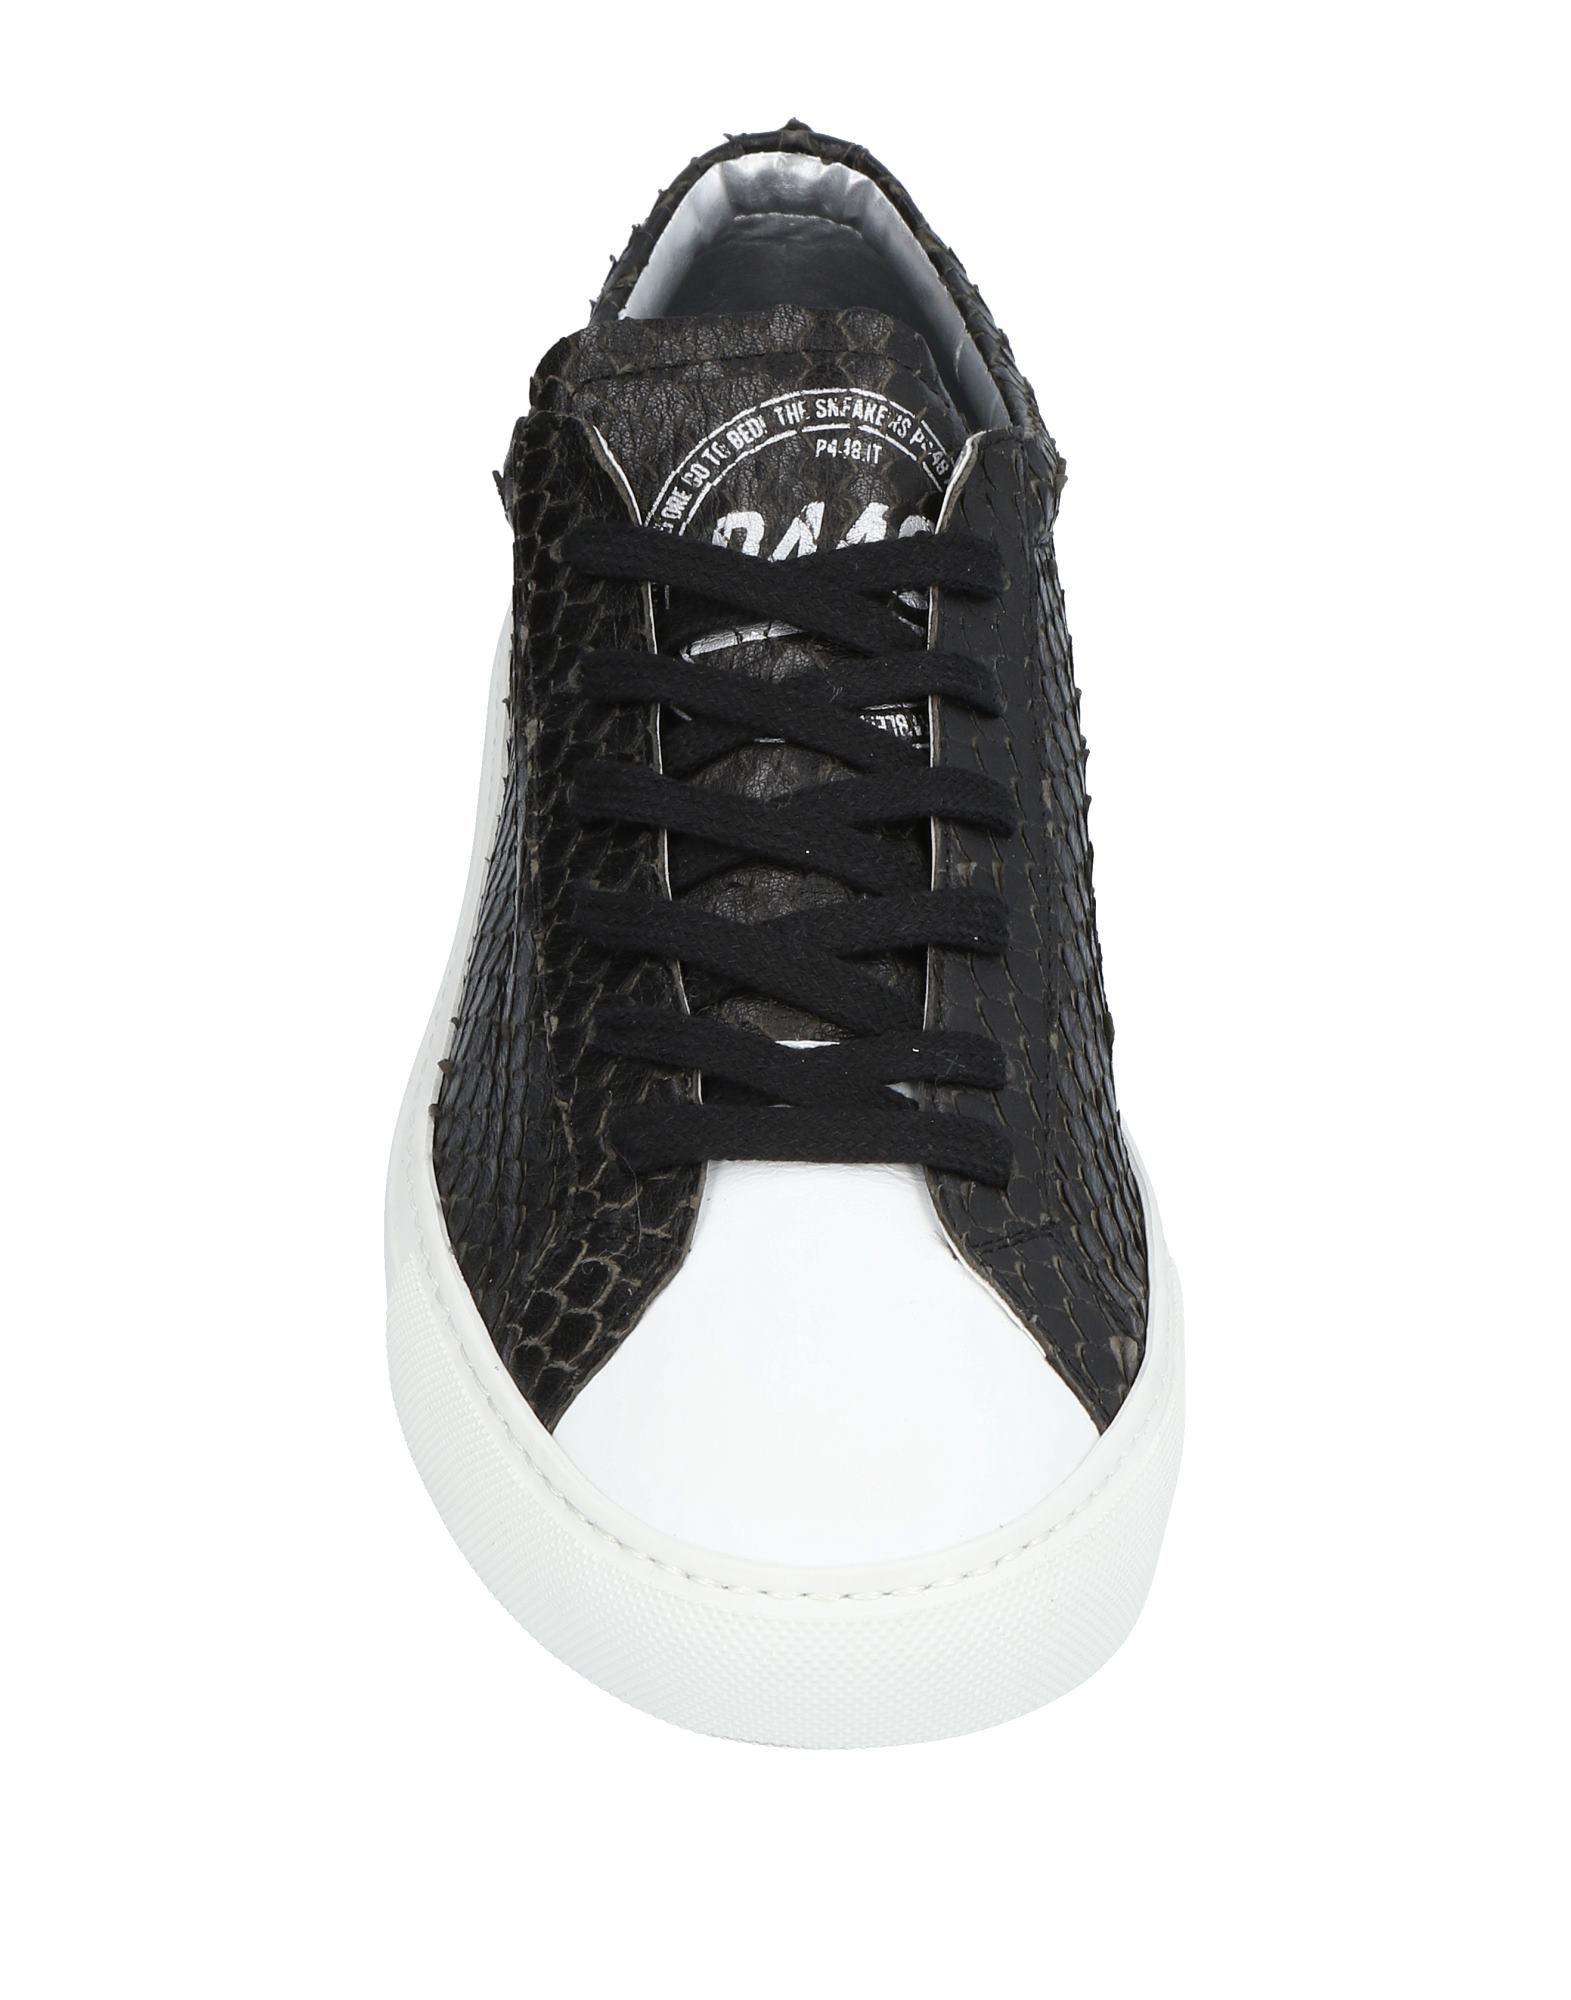 P448 Sneakers Herren Herren Sneakers  11457303RJ a215da